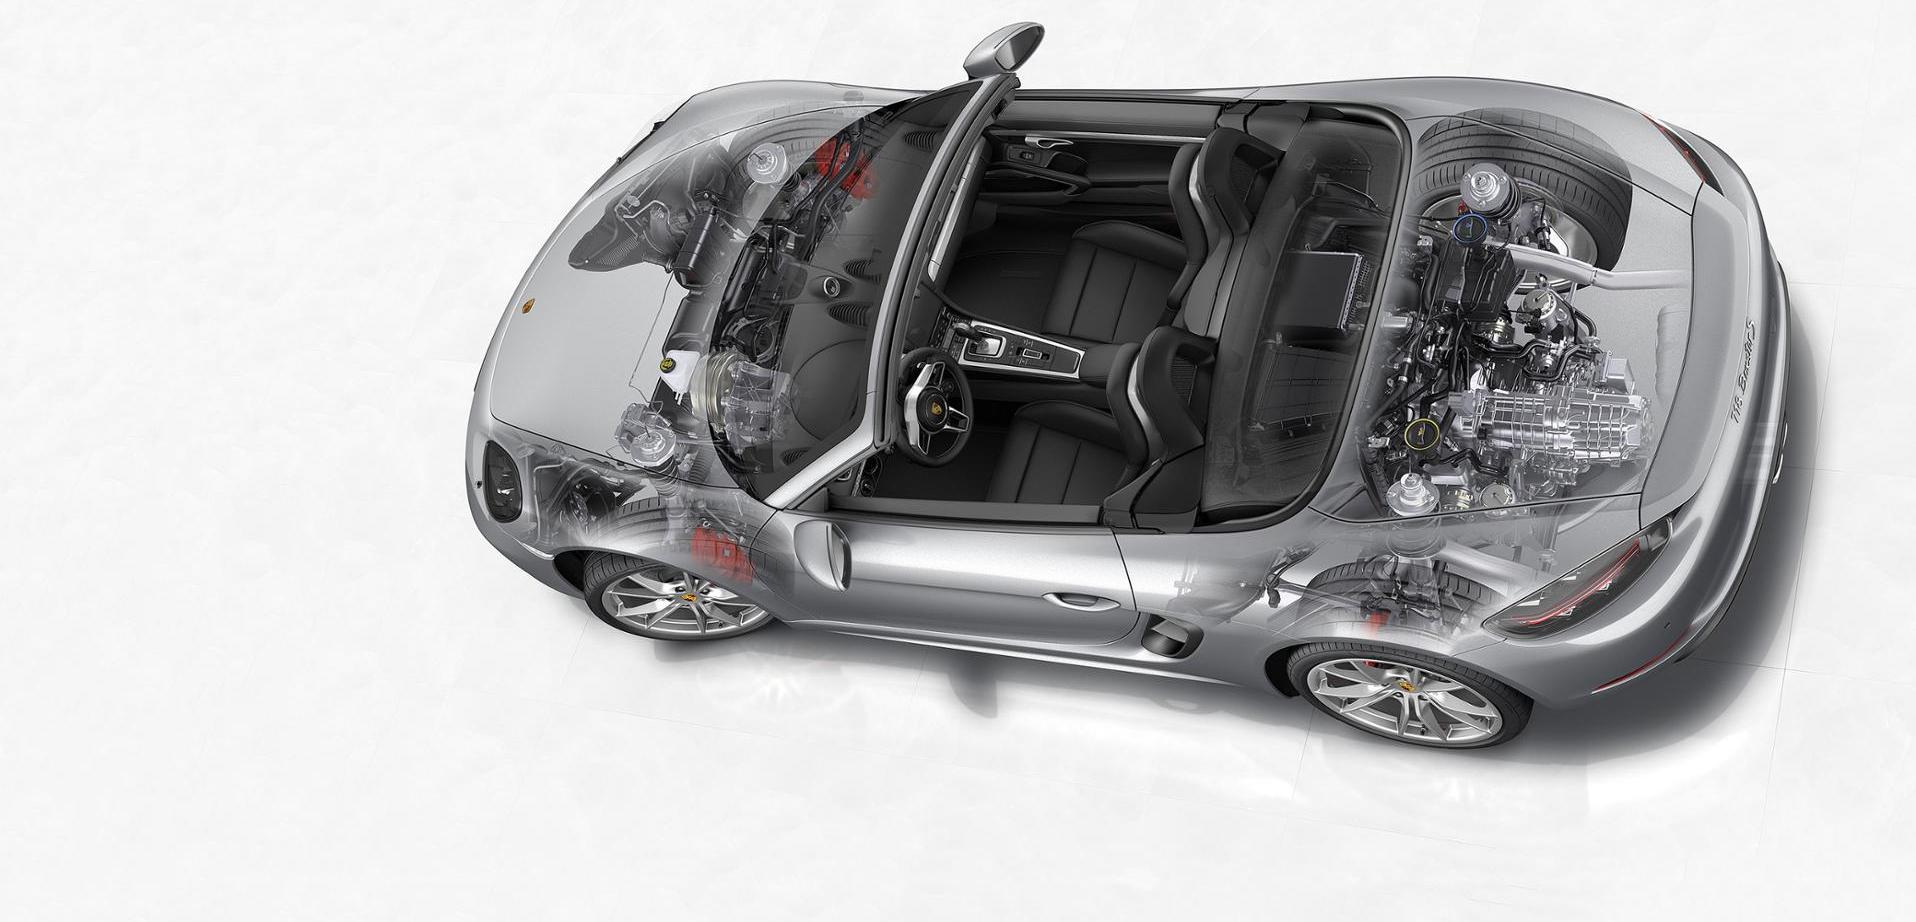 Porsche 718 Boxster S © Dr. Ing. h.c. F. Porsche AG